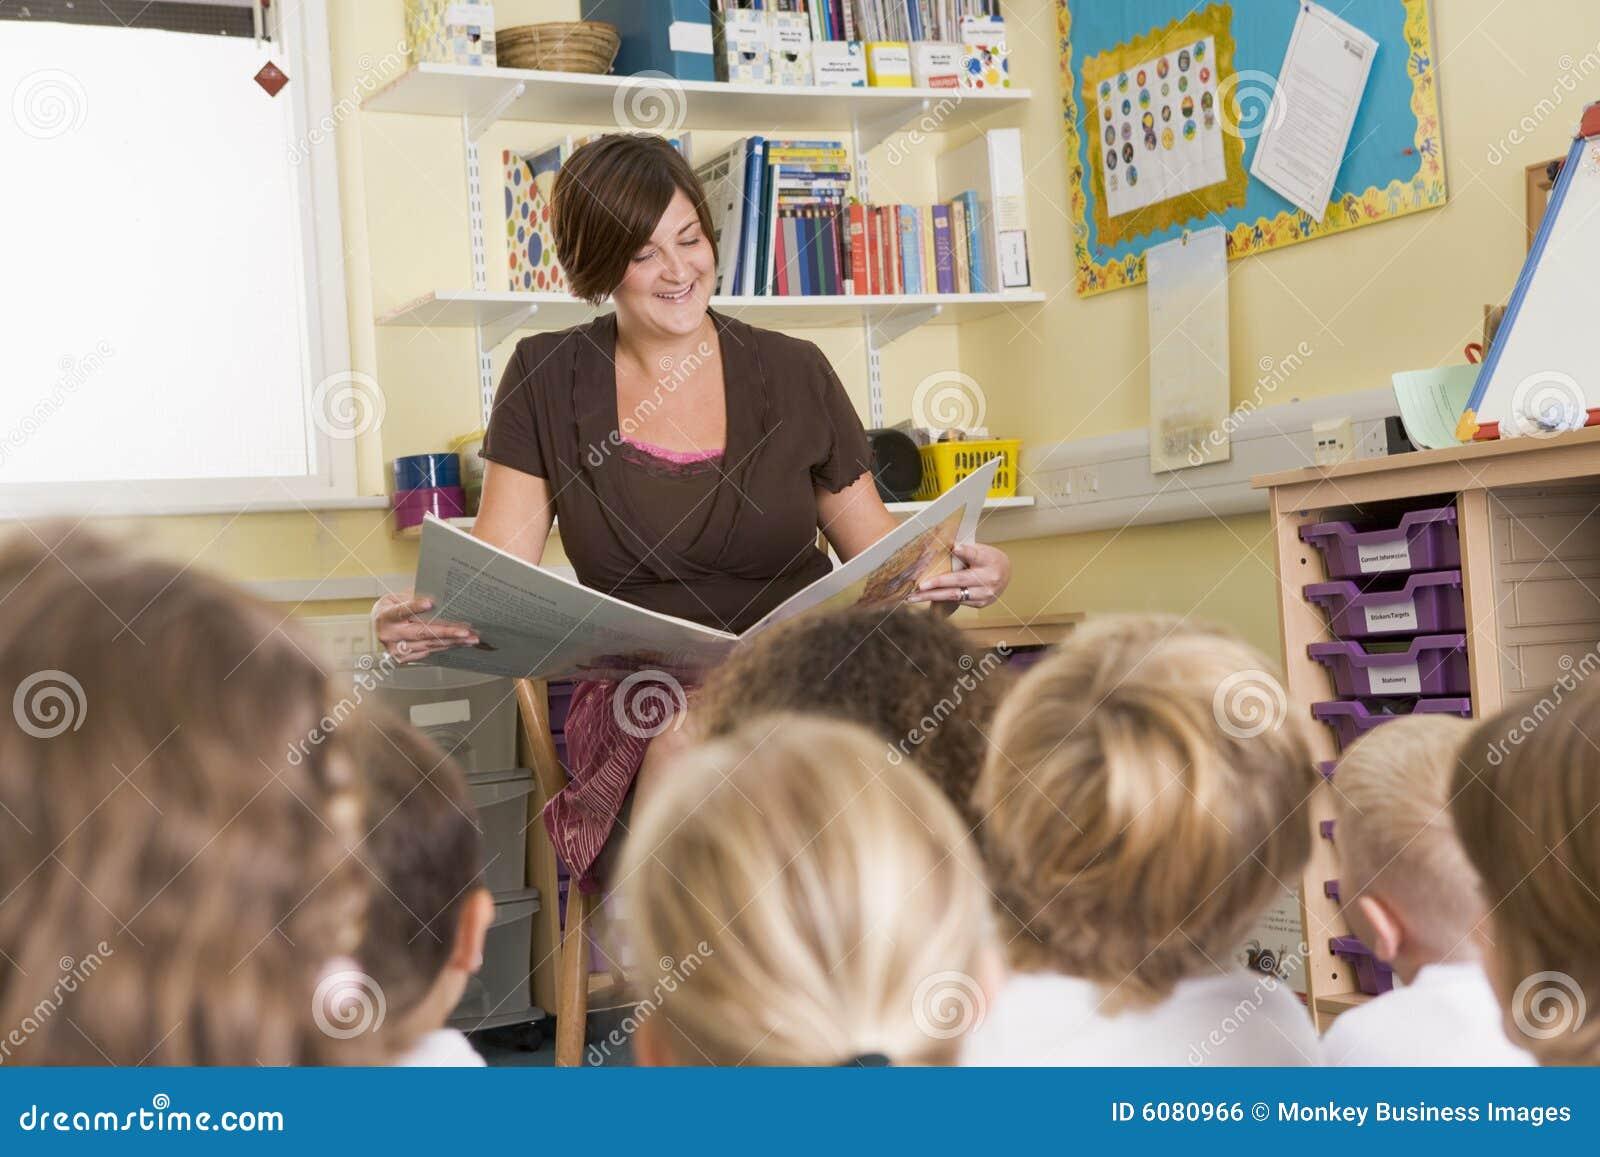 Ученик снял учительницу 9 фотография